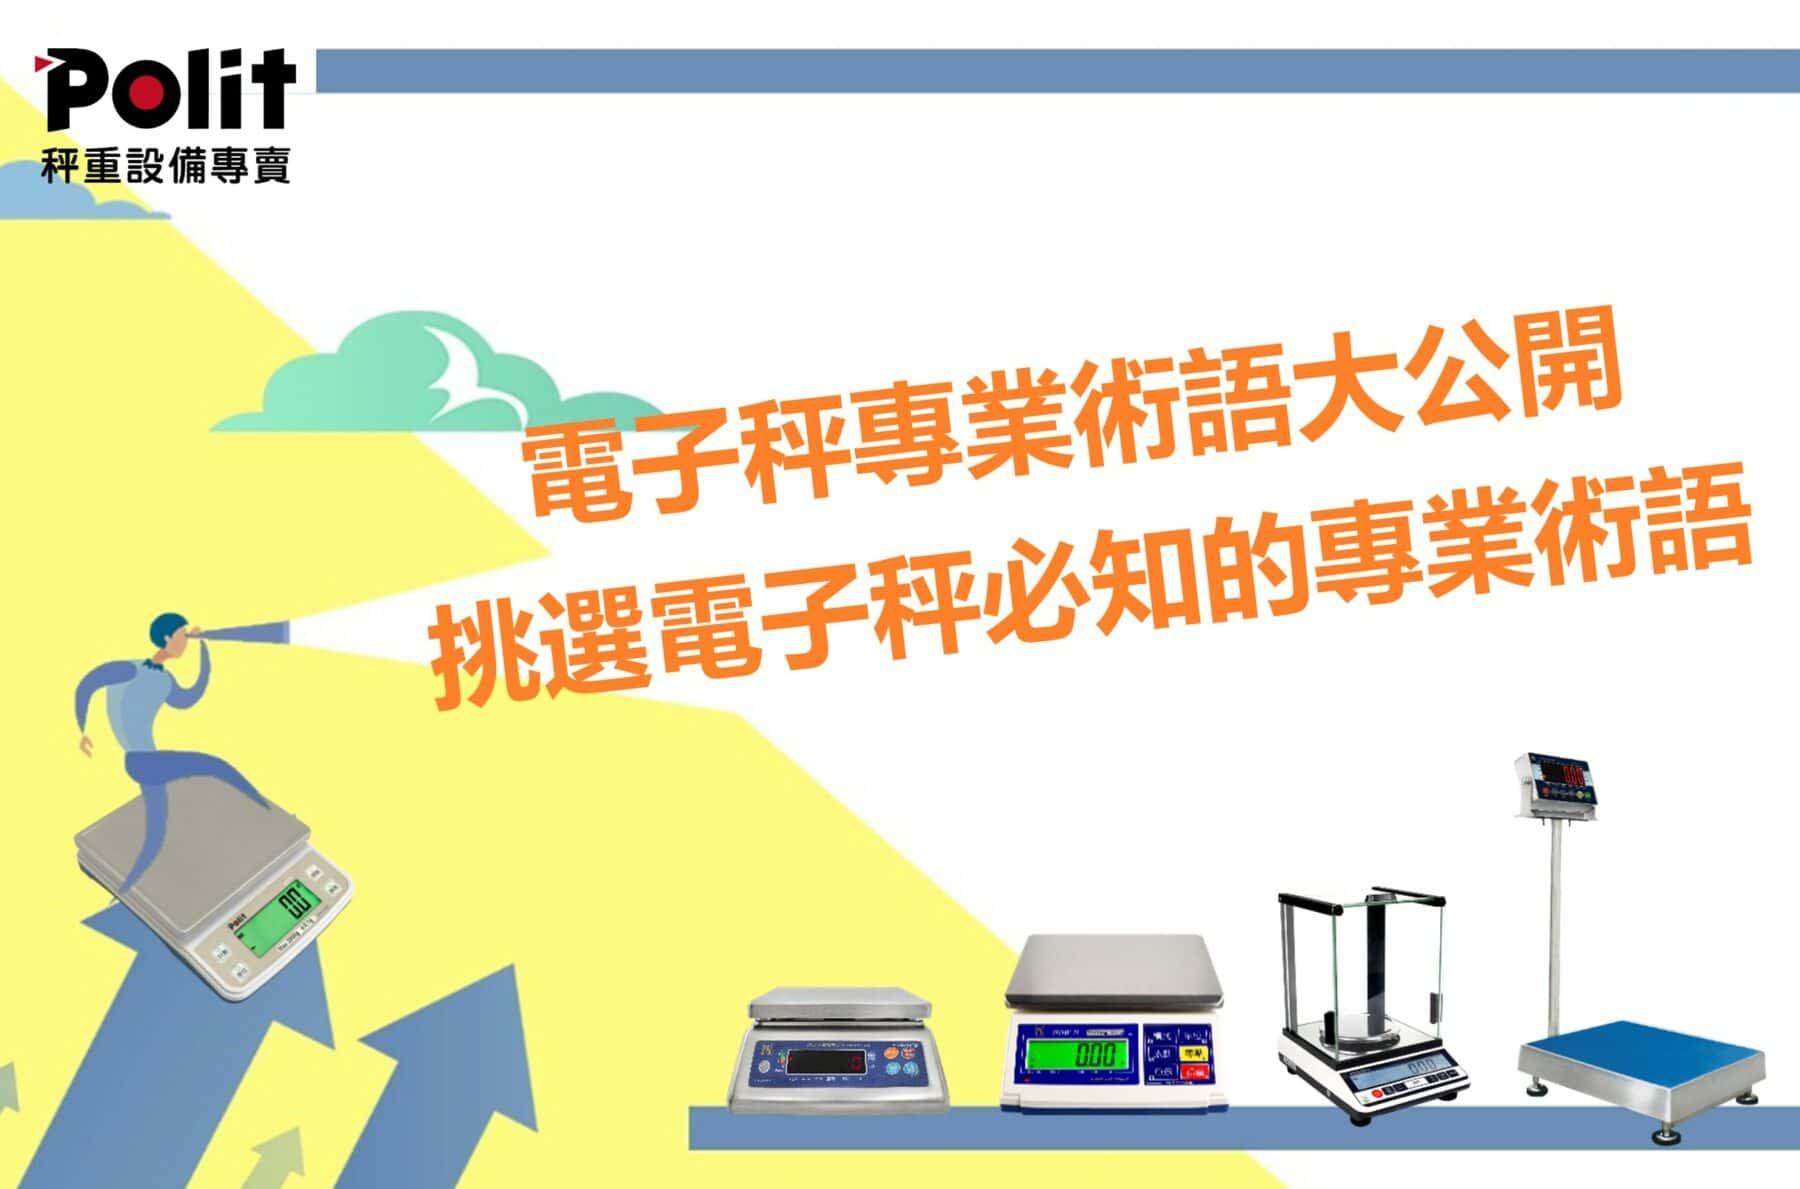 電子秤專業術語大公開-挑選電子秤必知的電子秤專業術語 | 沛禮國際 Polit 電子秤專賣